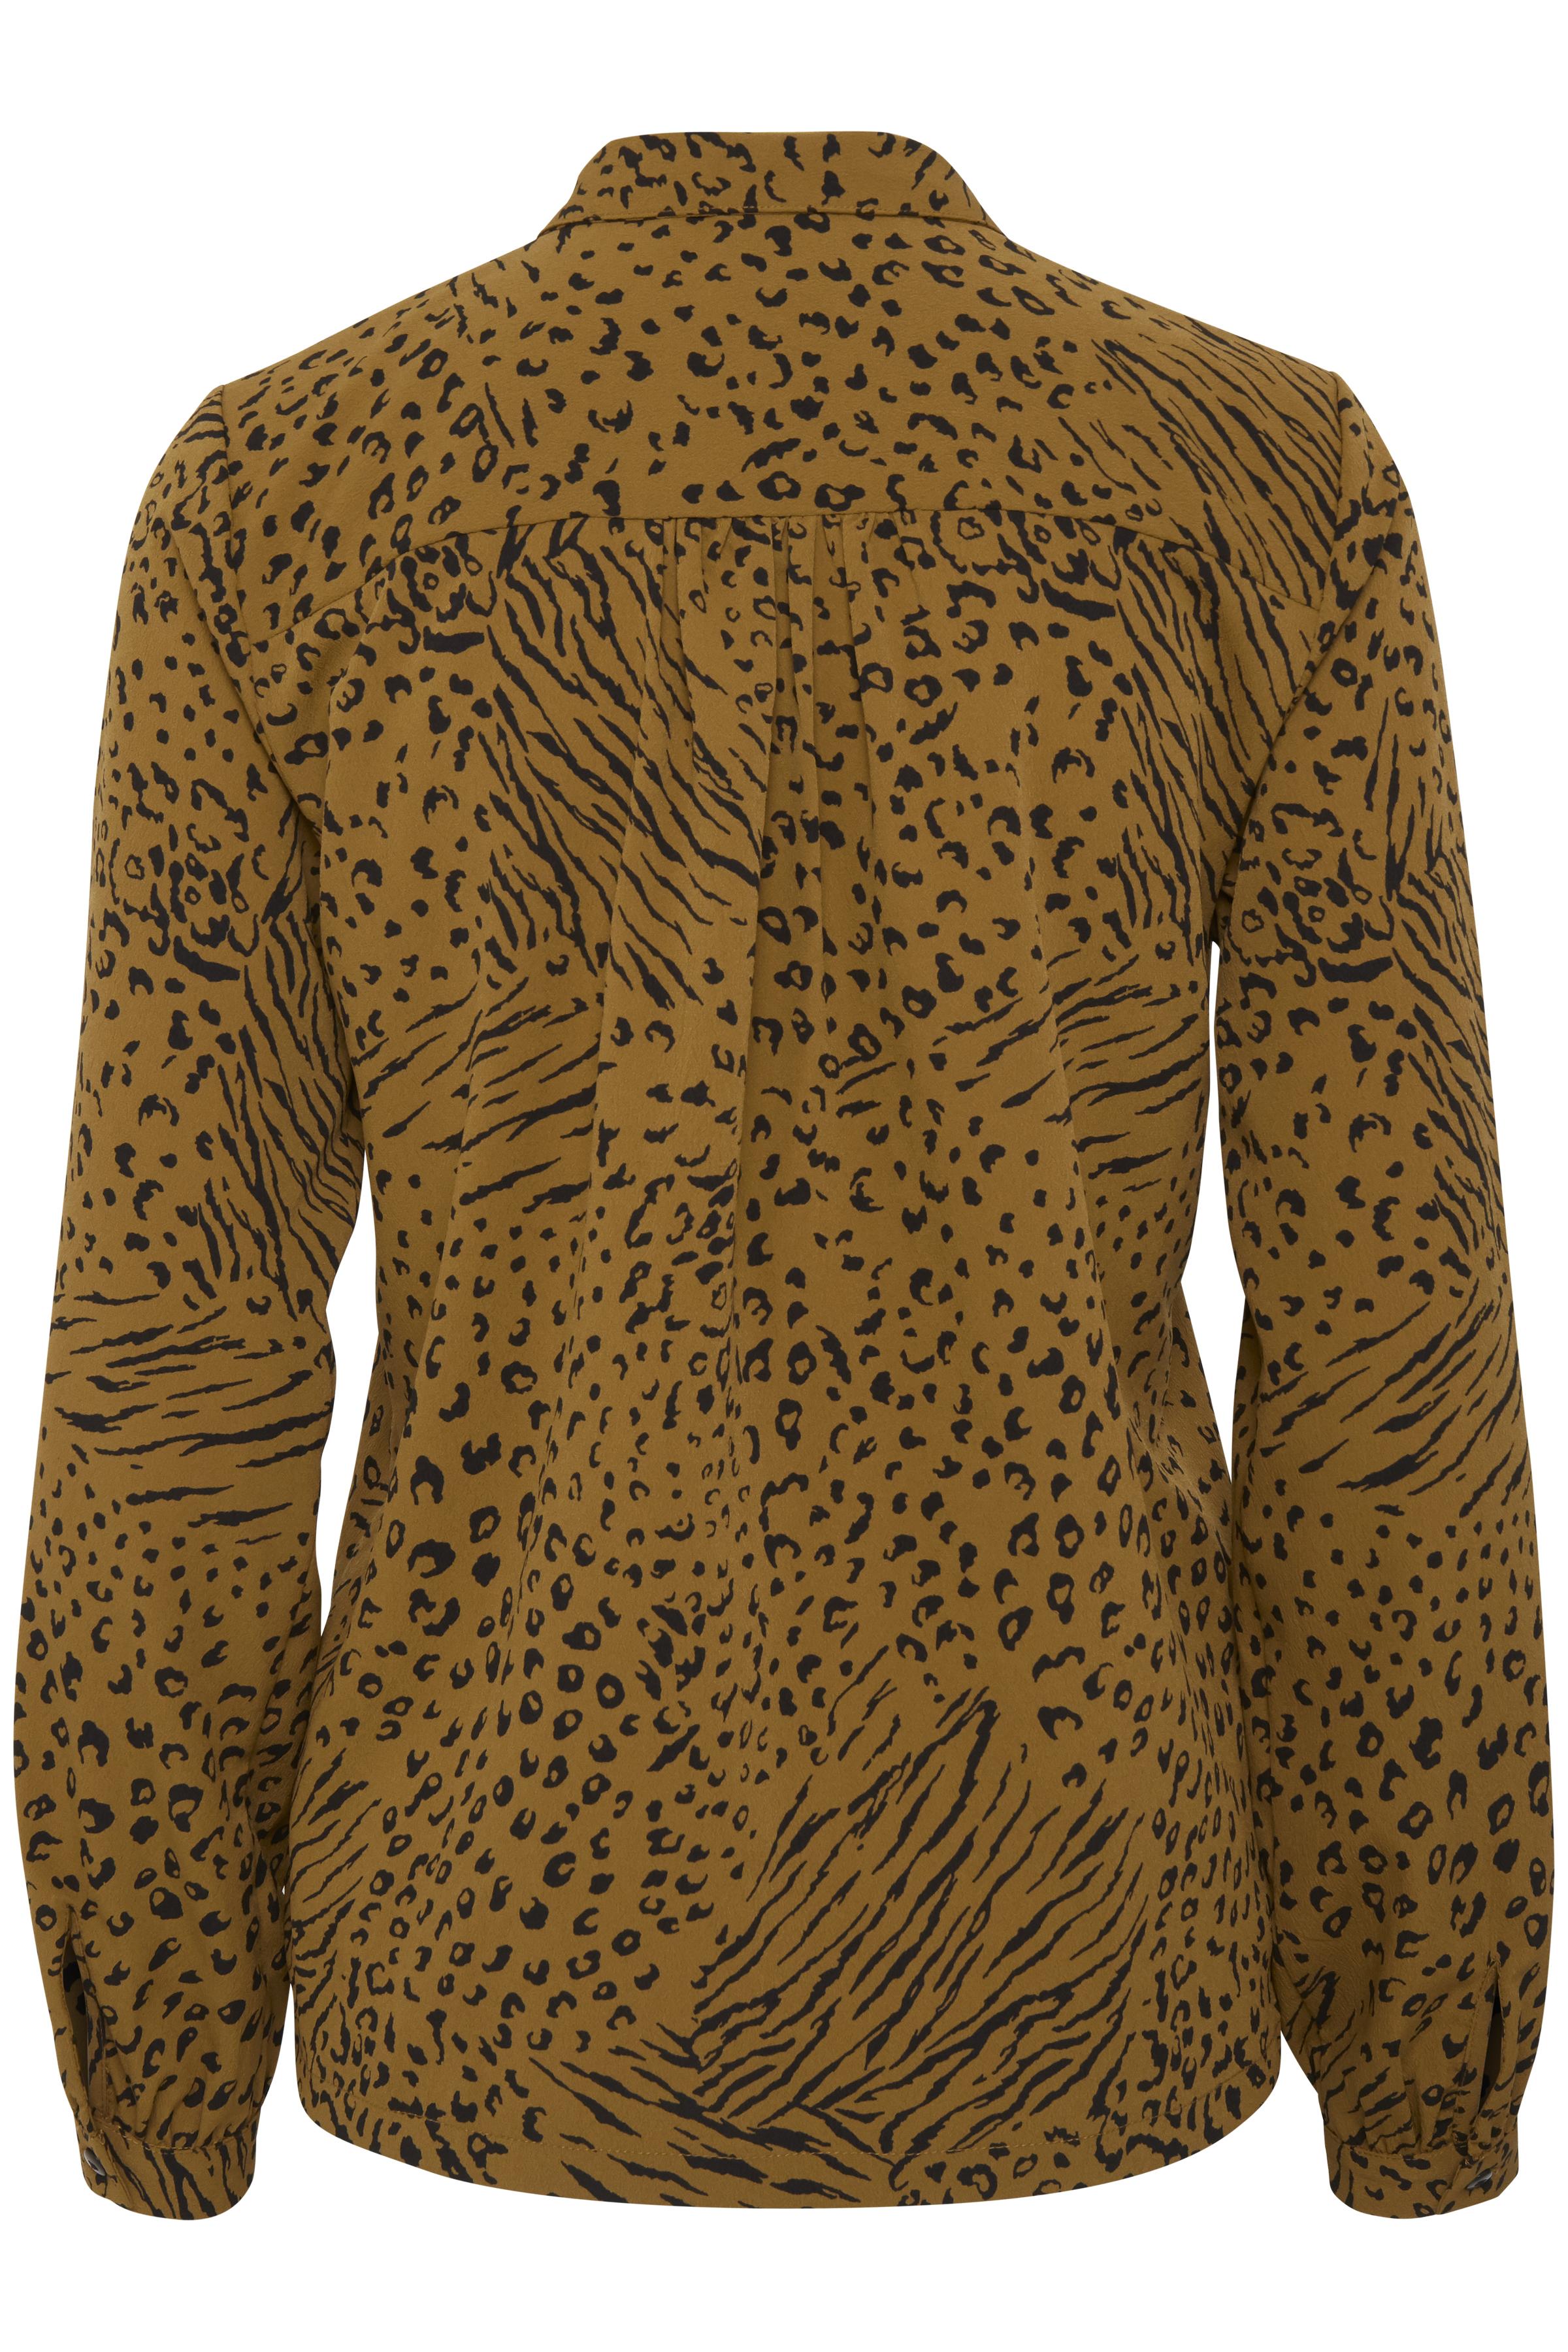 Toasted Coconut Langærmet skjorte – Køb Toasted Coconut Langærmet skjorte fra str. XS-XL her